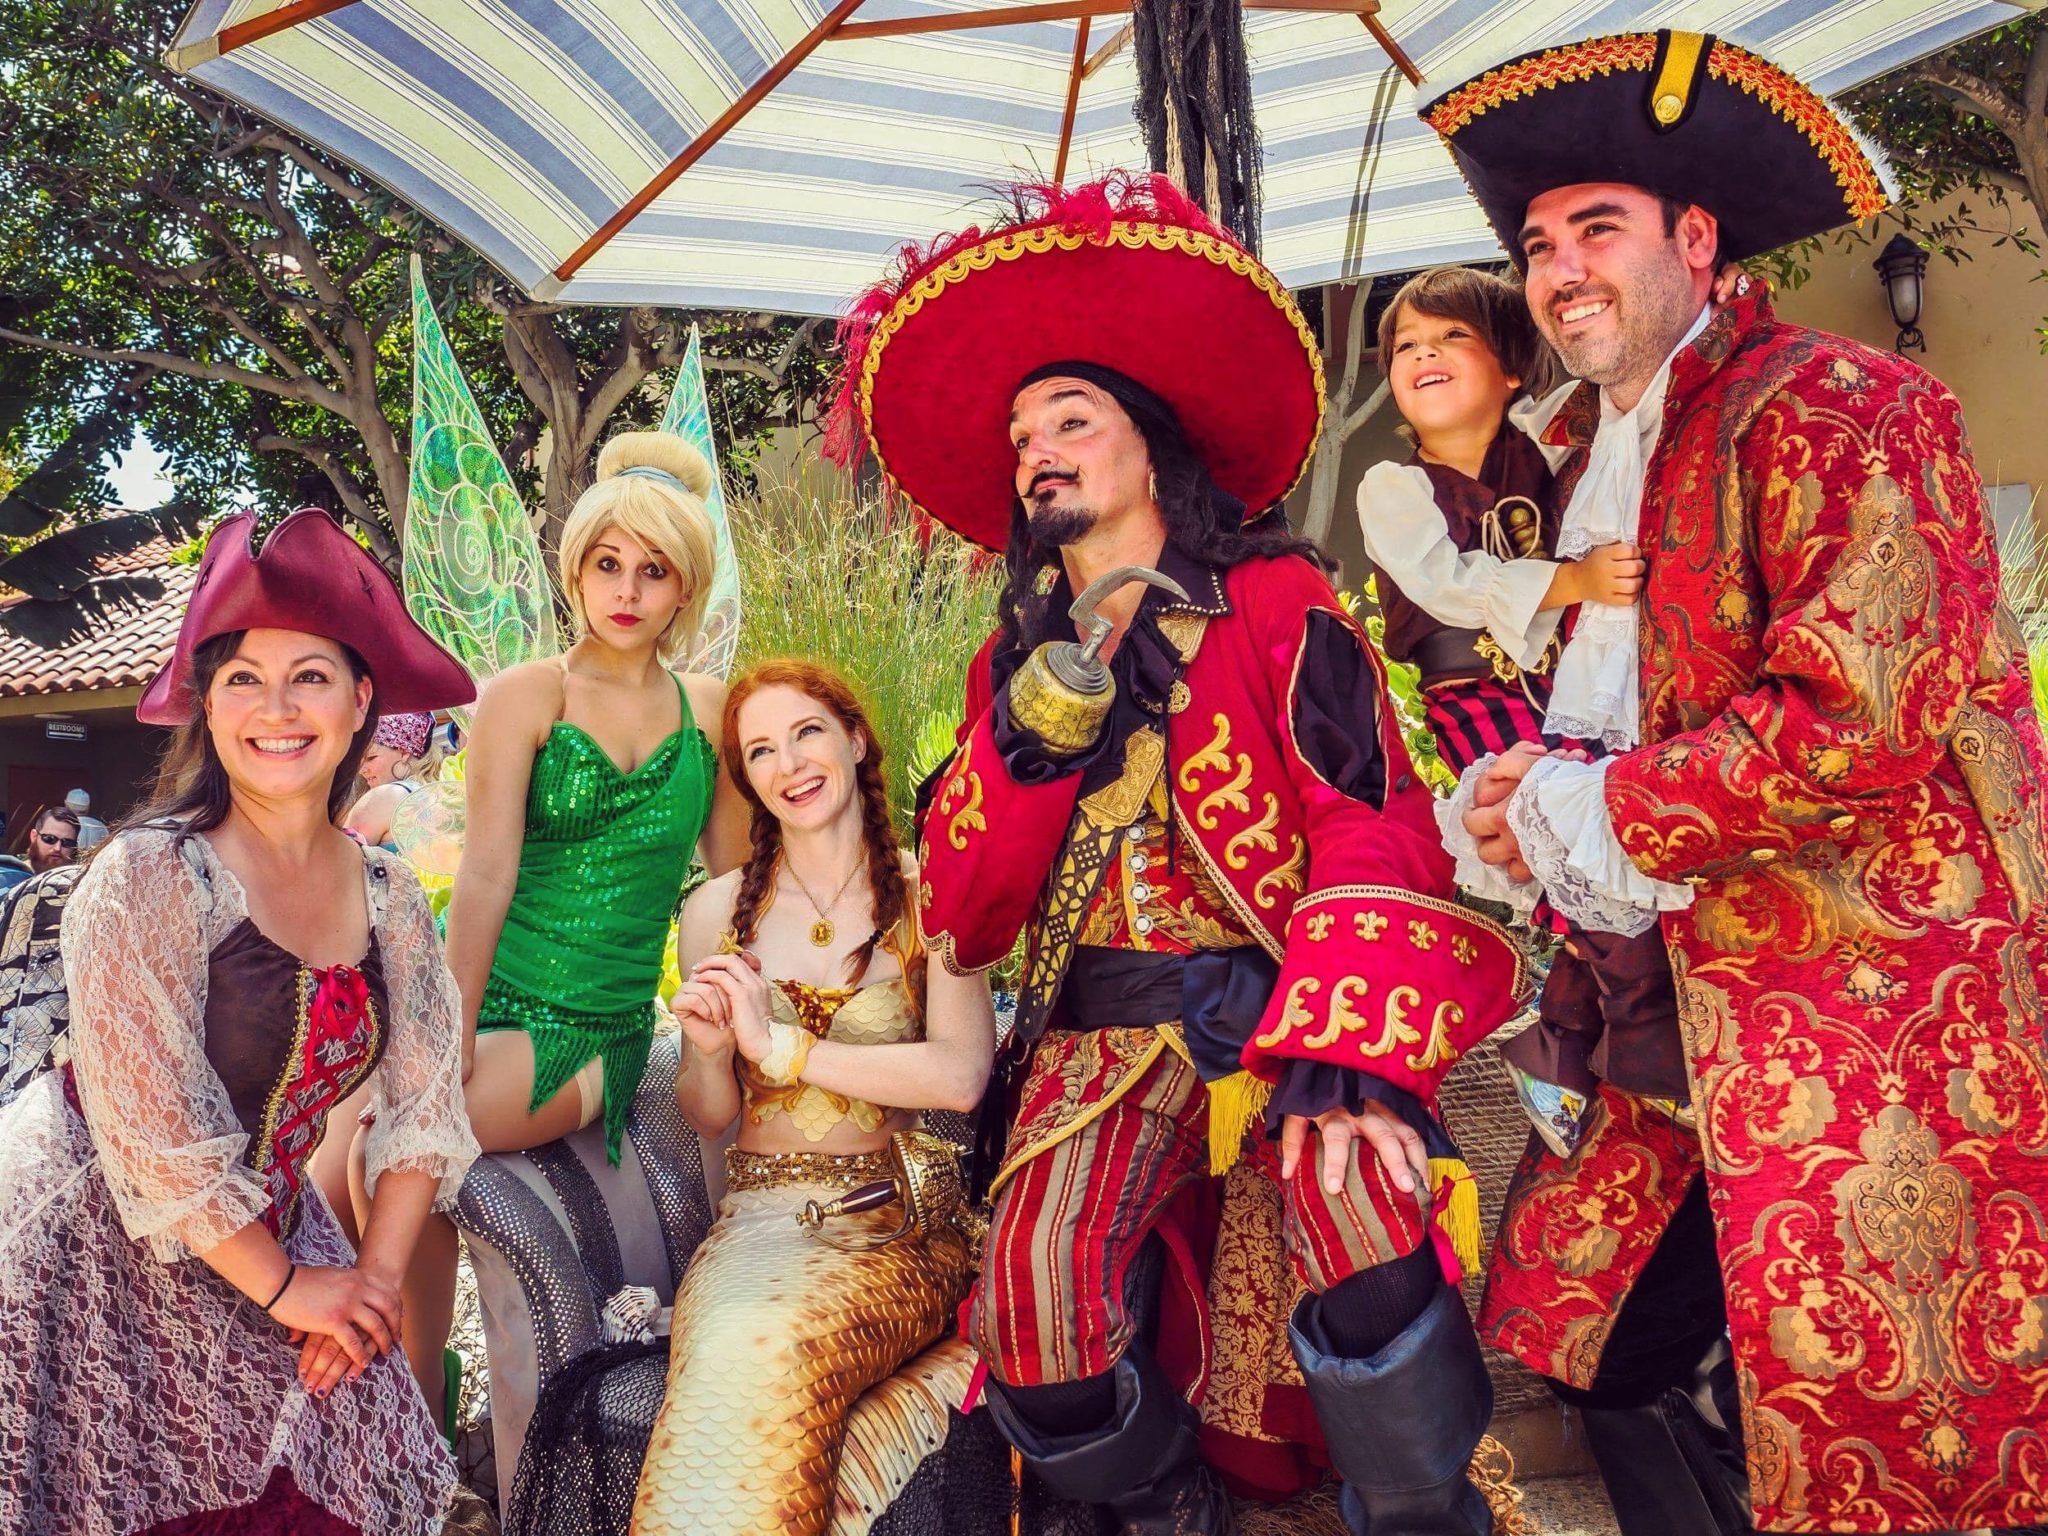 Ventura Harbor Pirates Day